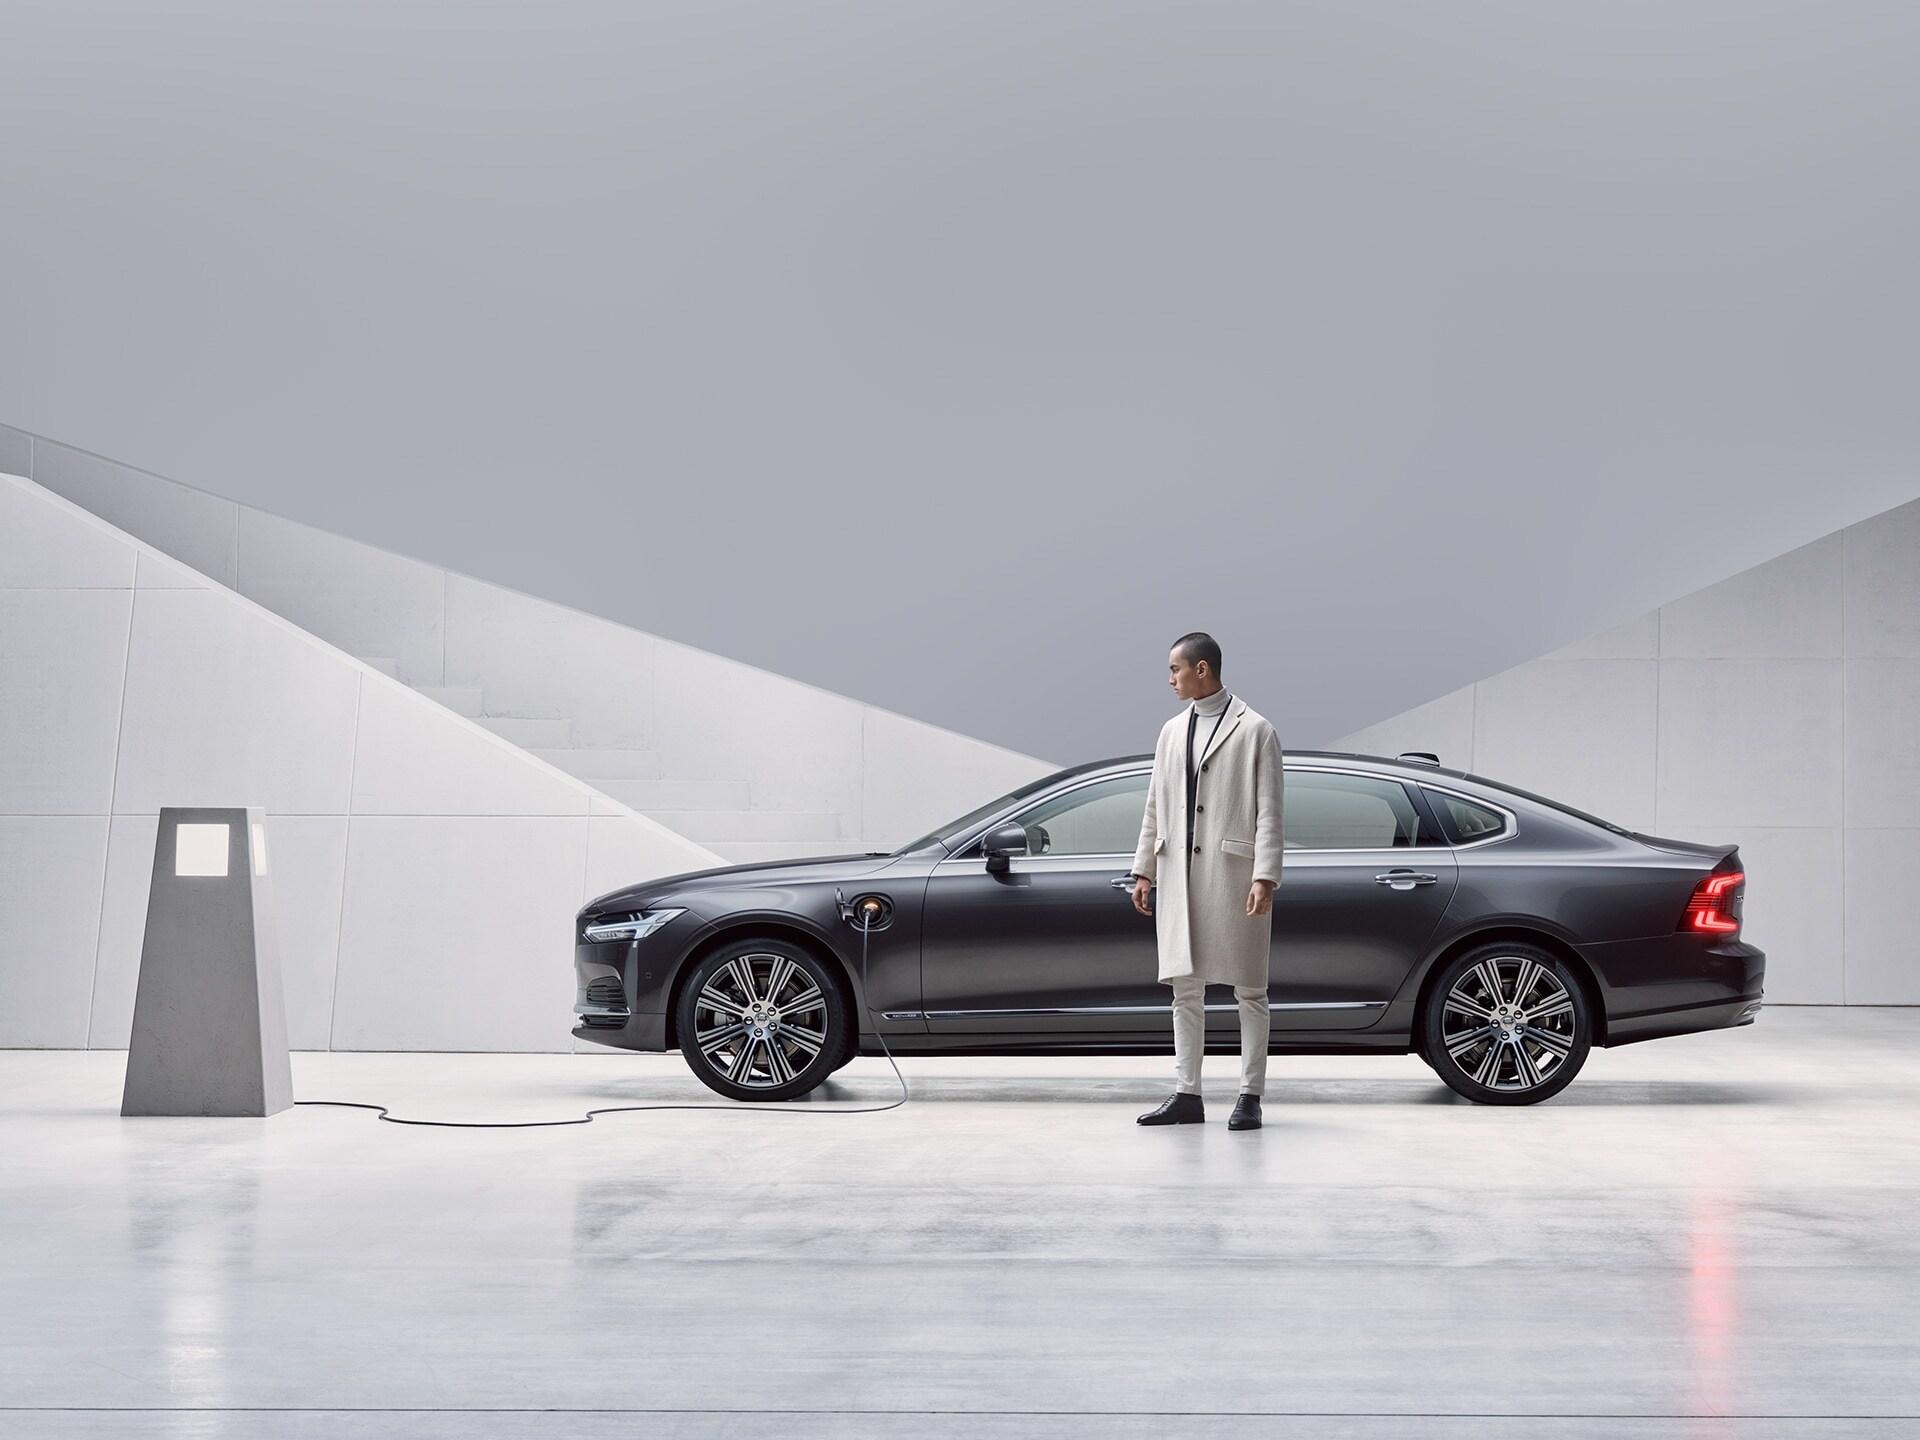 Un uomo in piedi di fronte alla sua Volvo S90 Recharge grigia in carica